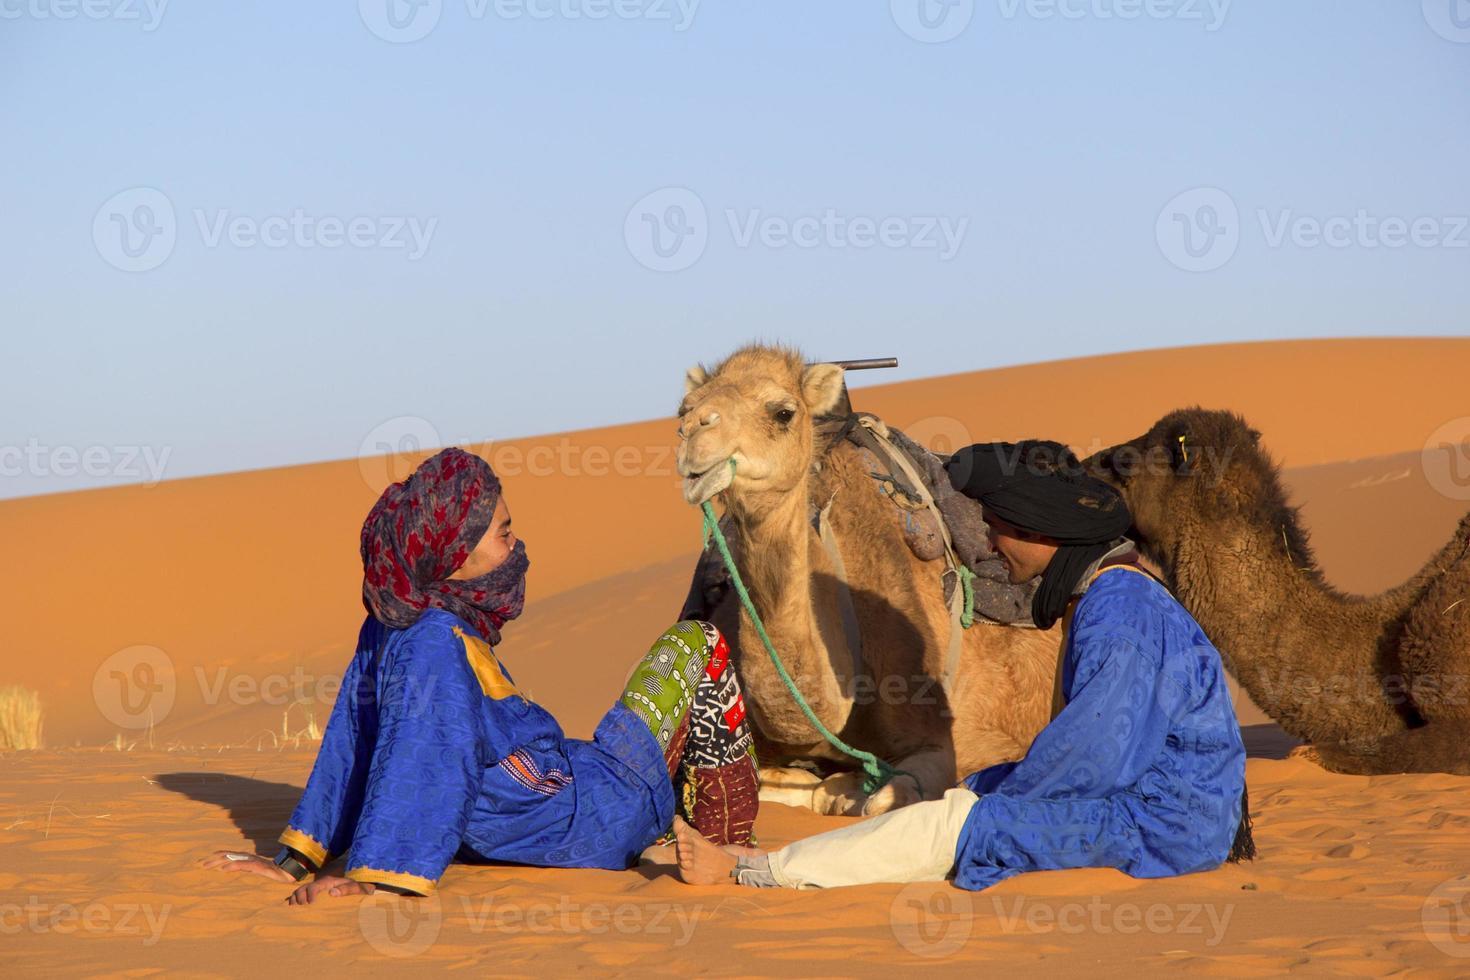 woestijn en bedoeïenen foto